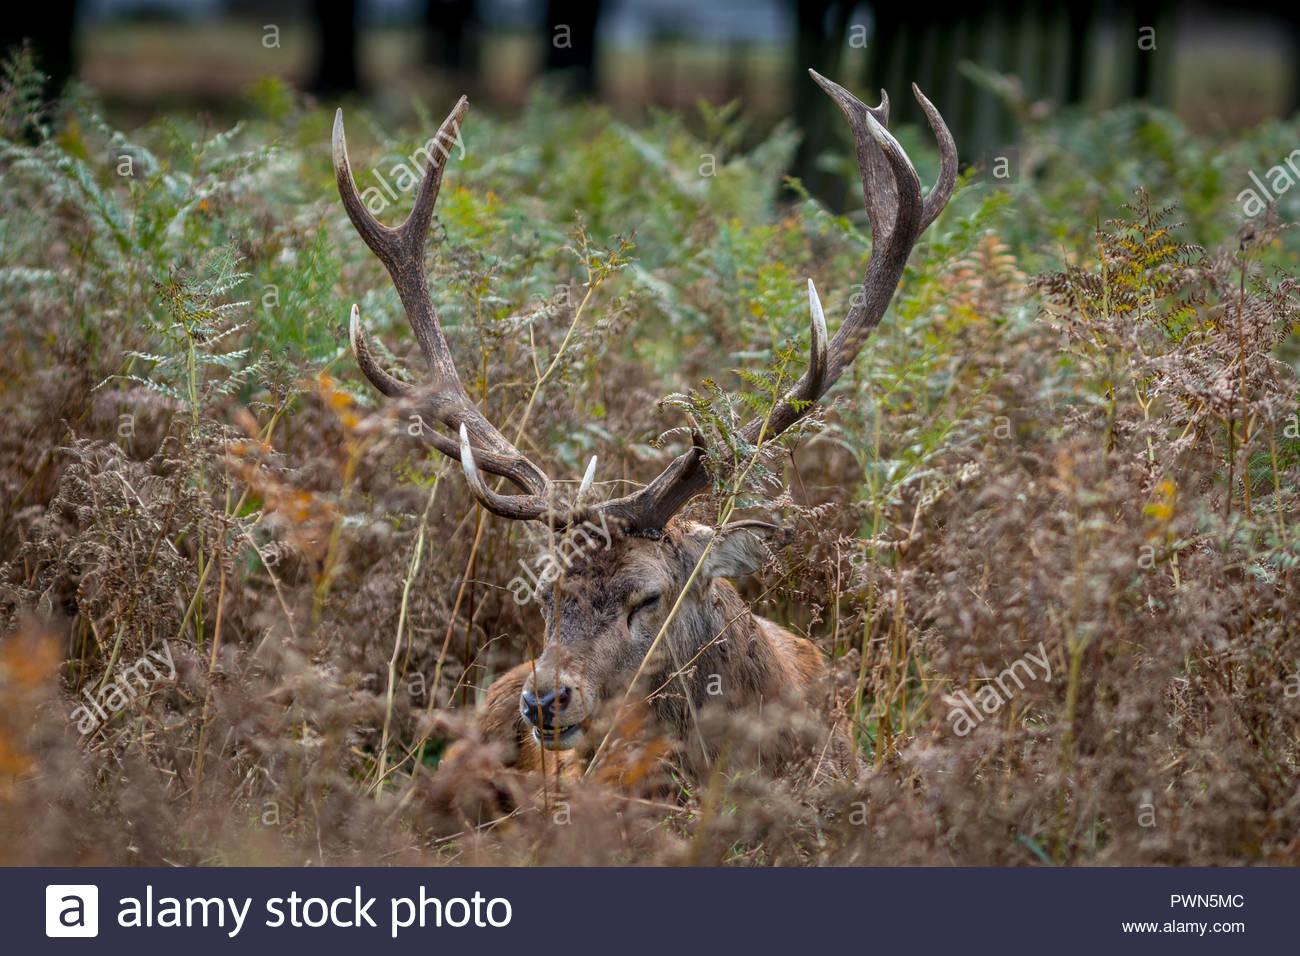 Un triste à Red Deer stag masque seul dans une masse de fougères et d'herbes pendant l'automne de l'ornière. Photo Stock